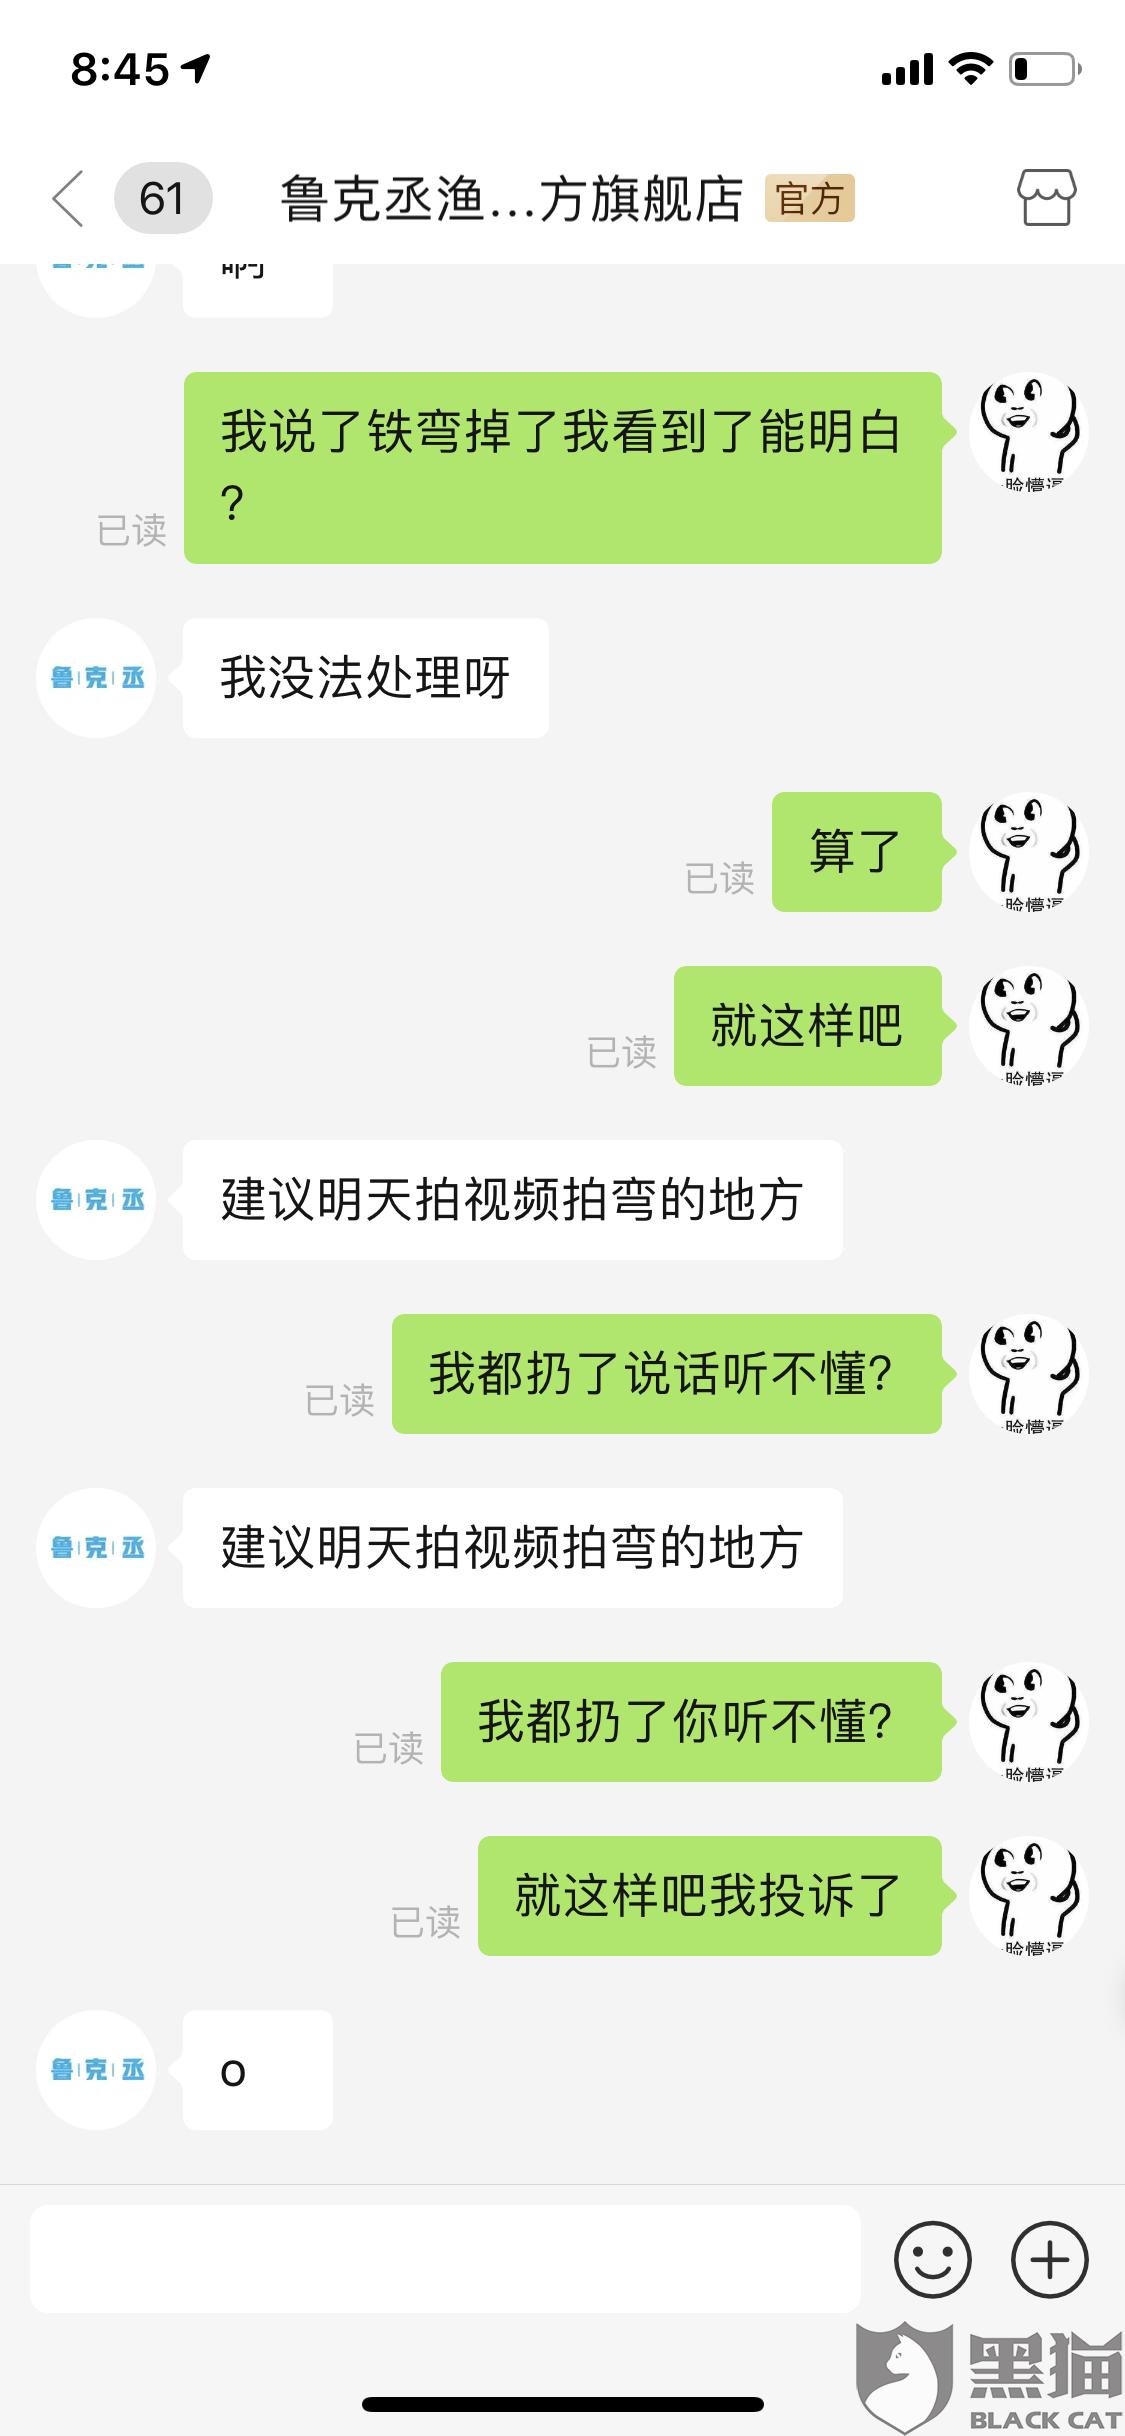 黑猫投诉:鲁克丞渔具官方旗舰店不处理坏的渔网